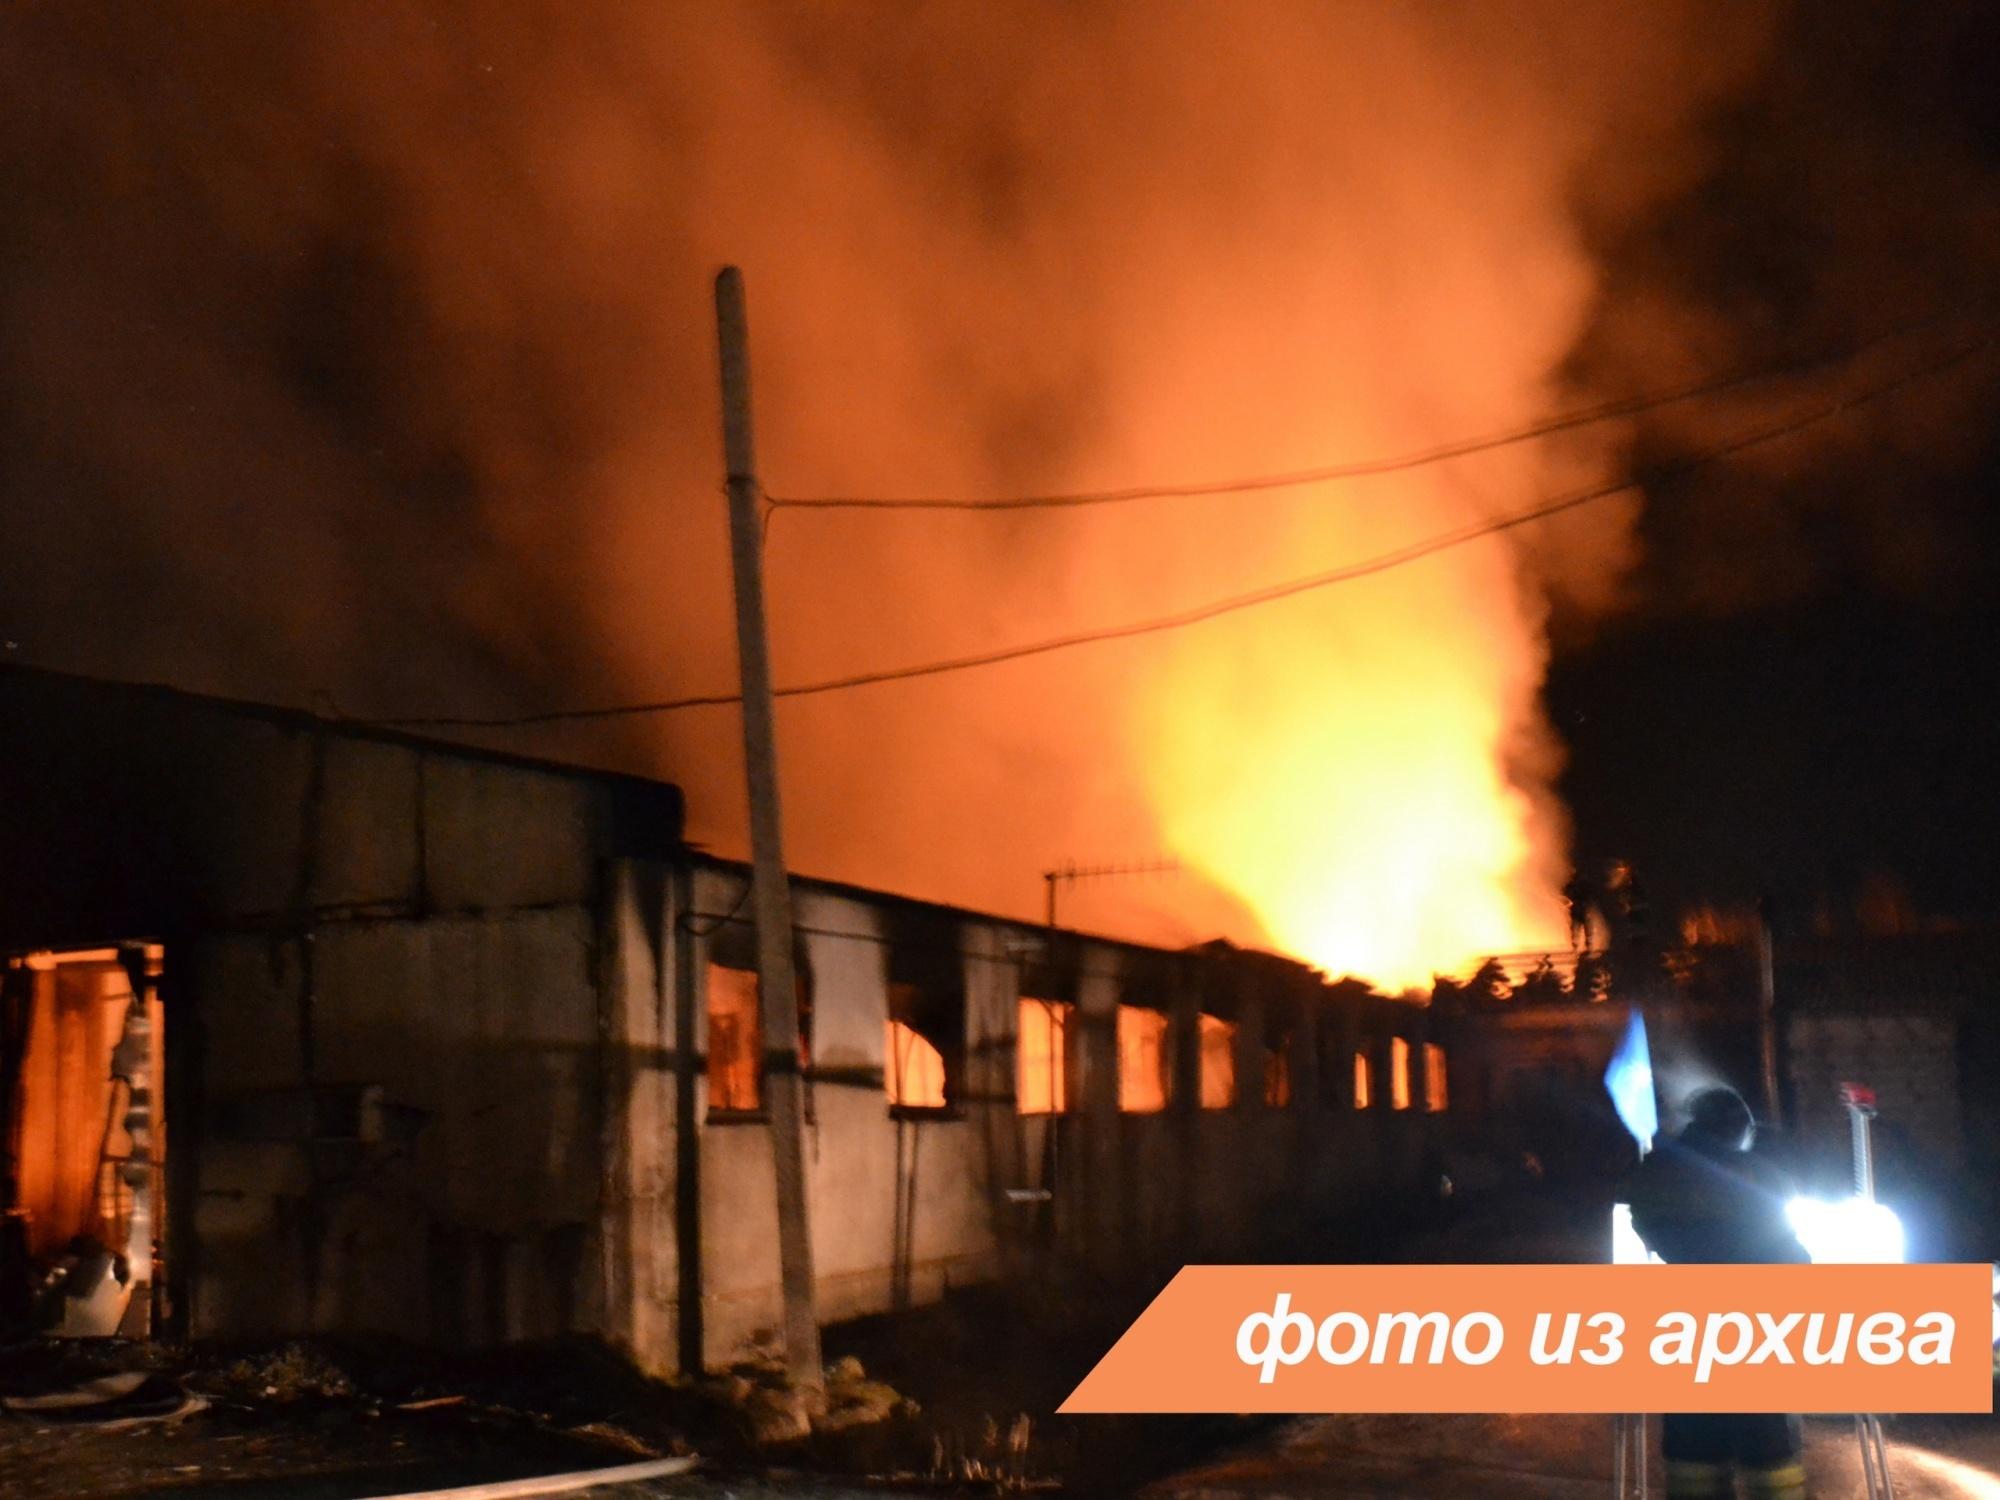 Пожарно-спасательные подразделения Ленинградской области ликвидировали пожар в Тихвинском районе